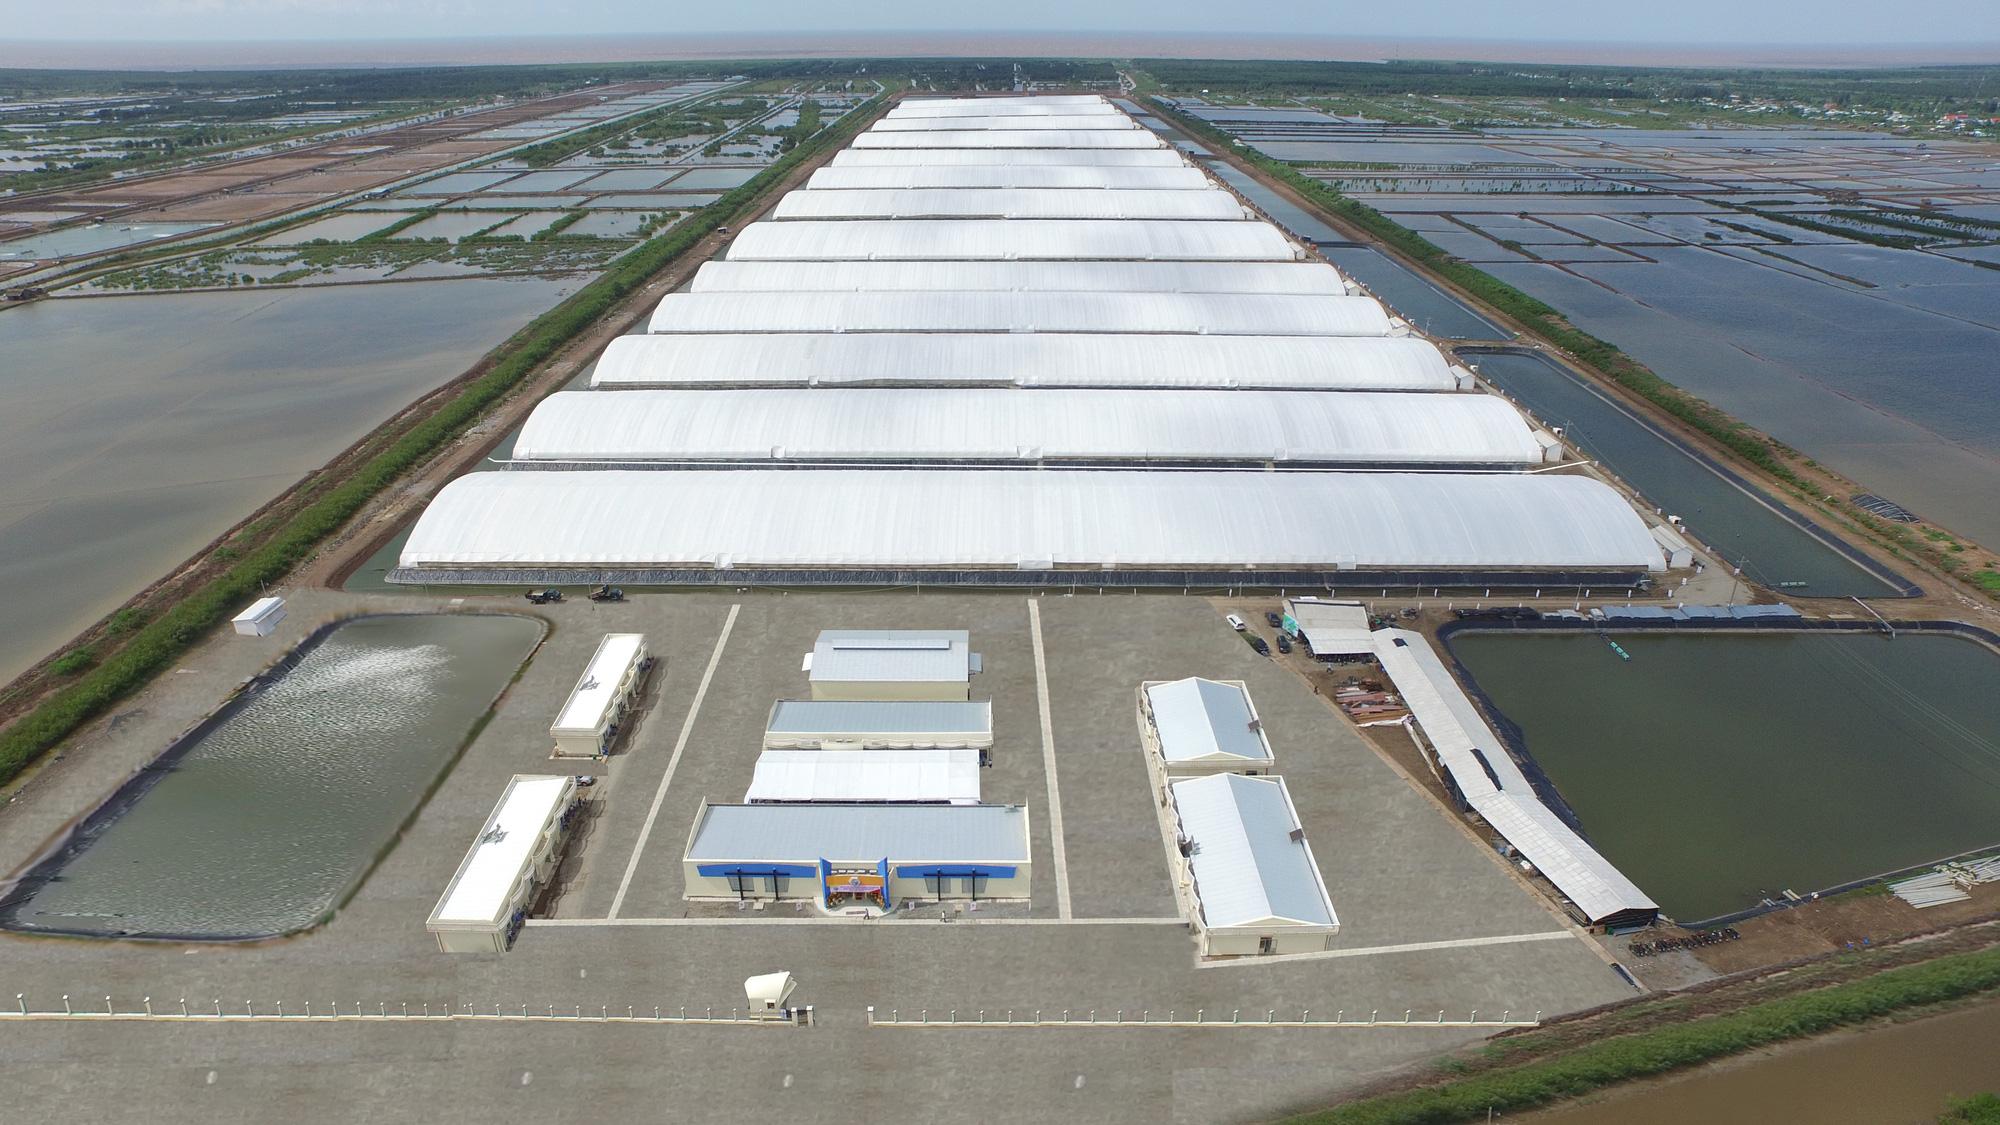 Khu nuôi tôm ứng dụng công nghệ cao của Tập đoàn Việt - Úc đạt các chứng nhận quan trọng - Ảnh 2.